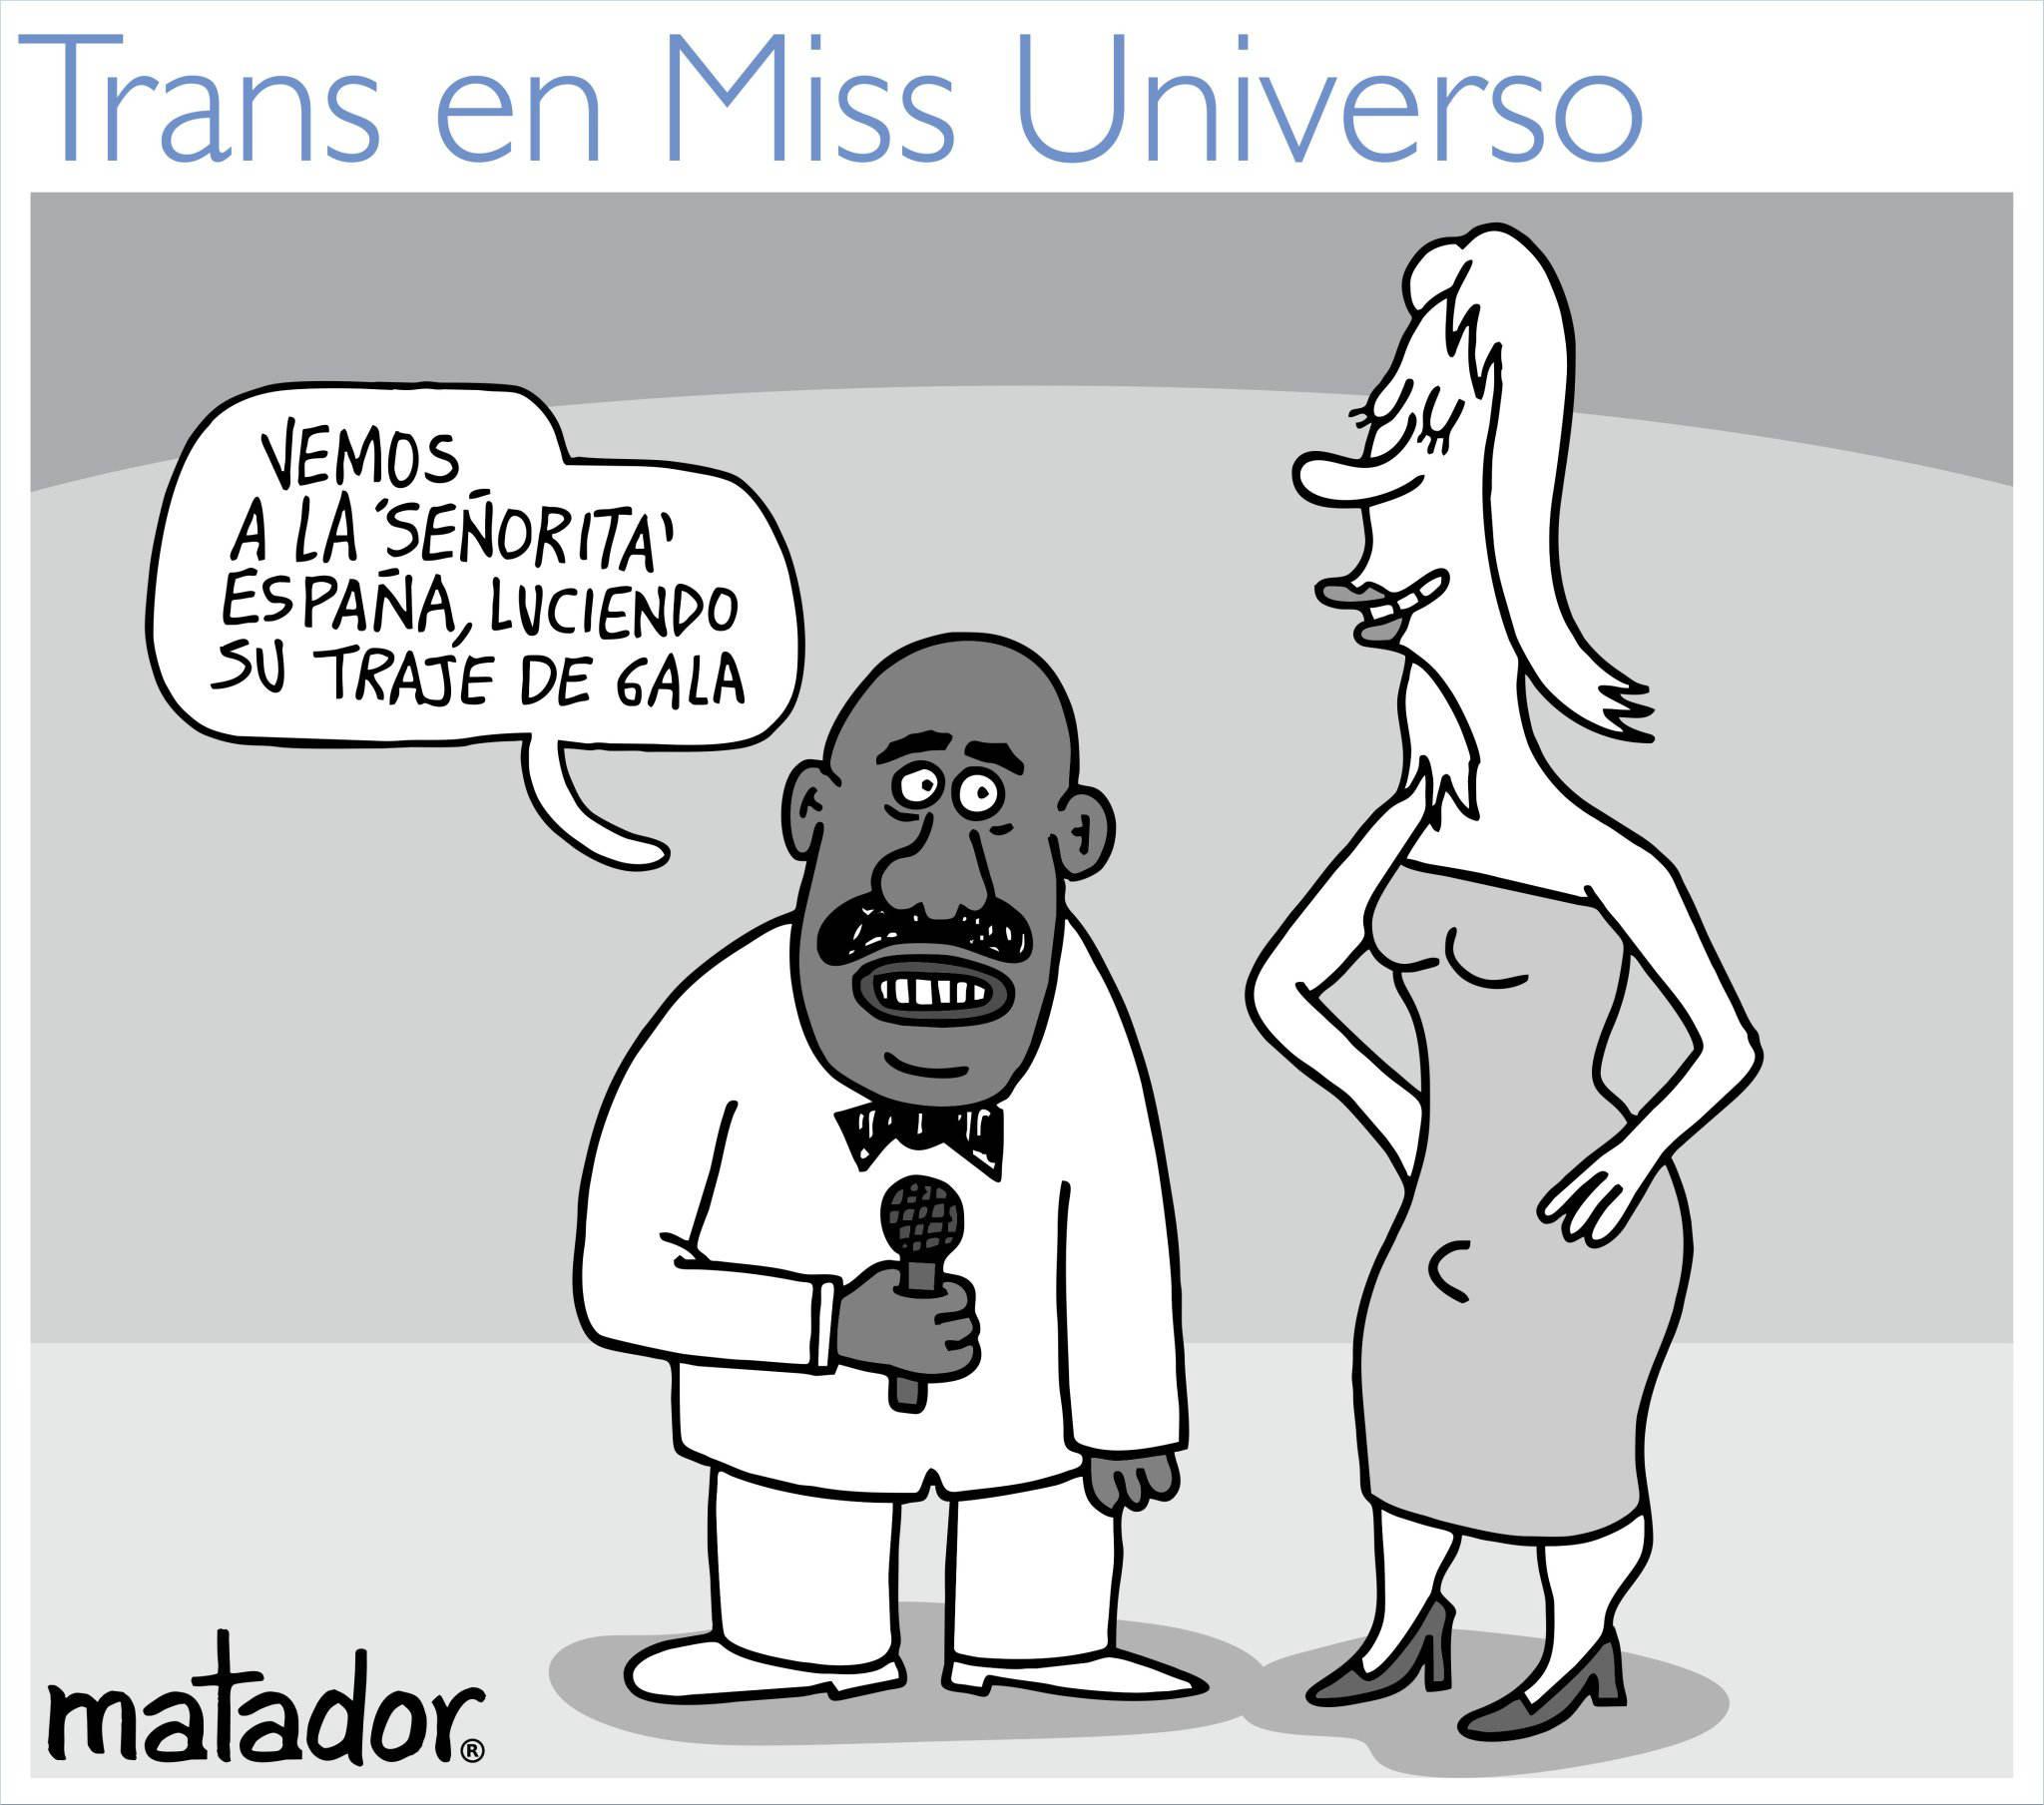 Matador y su polémica caricatura sobre Miss España